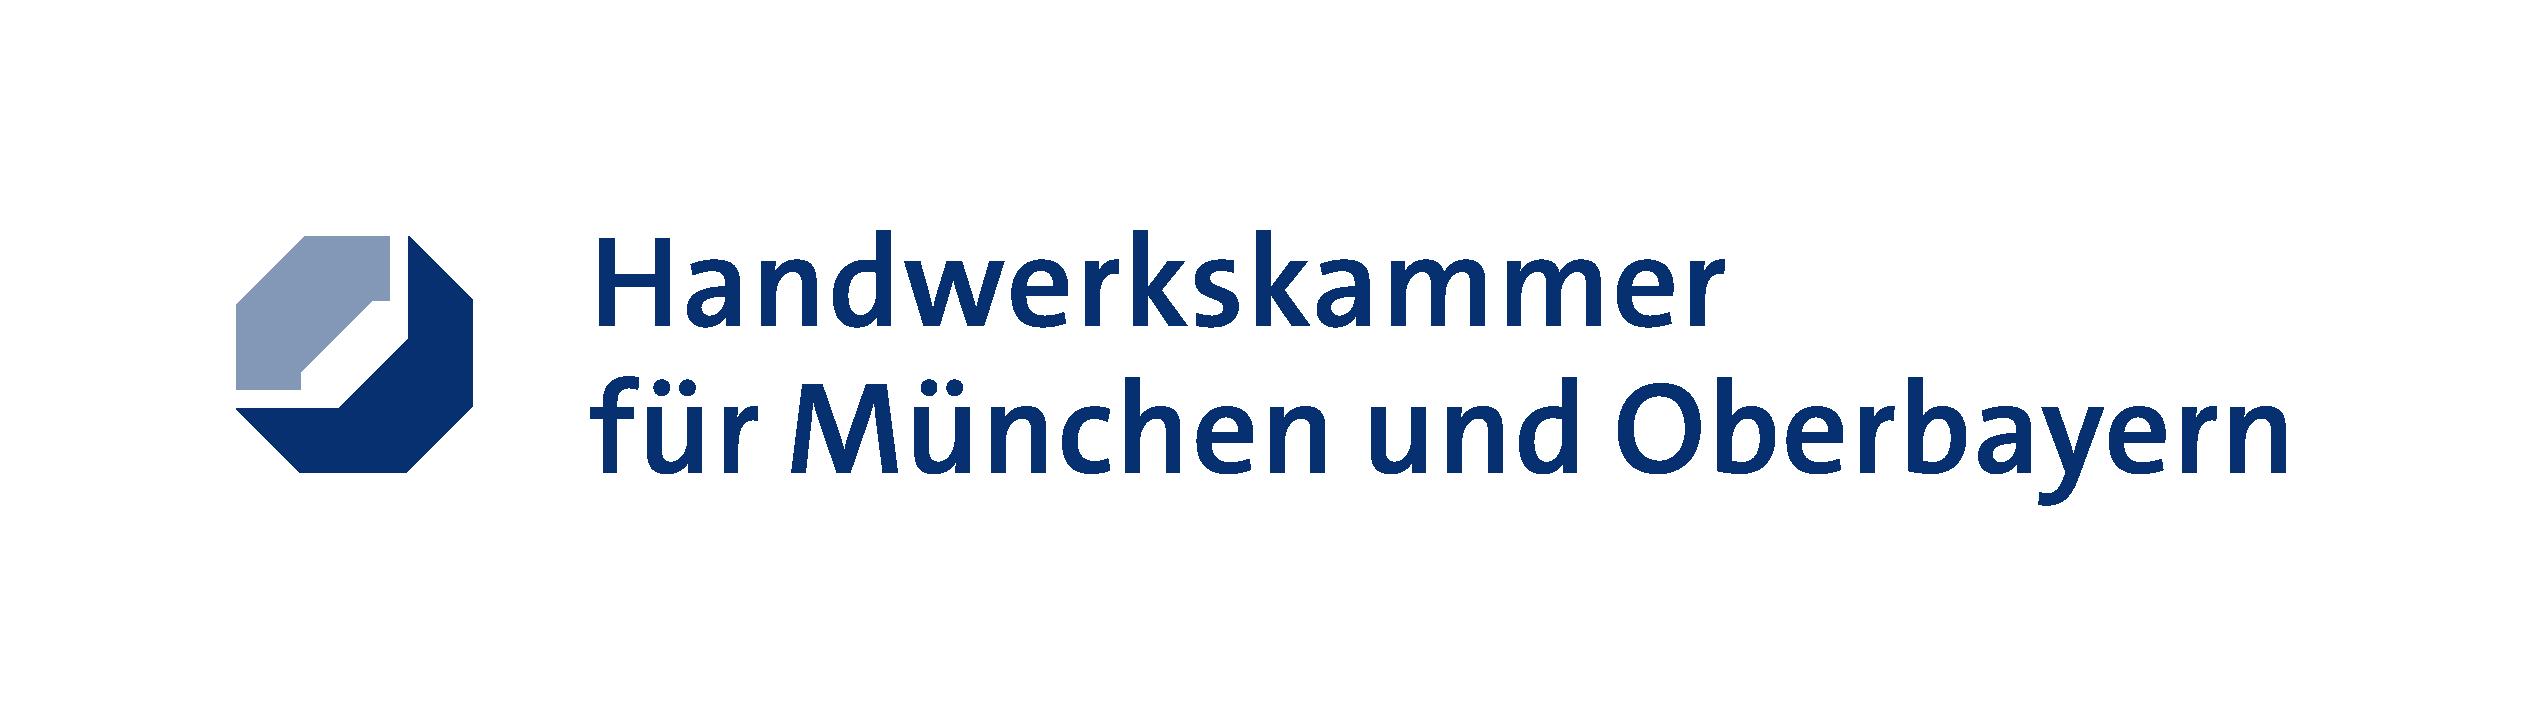 Handwerkskammer München und Oberbayern